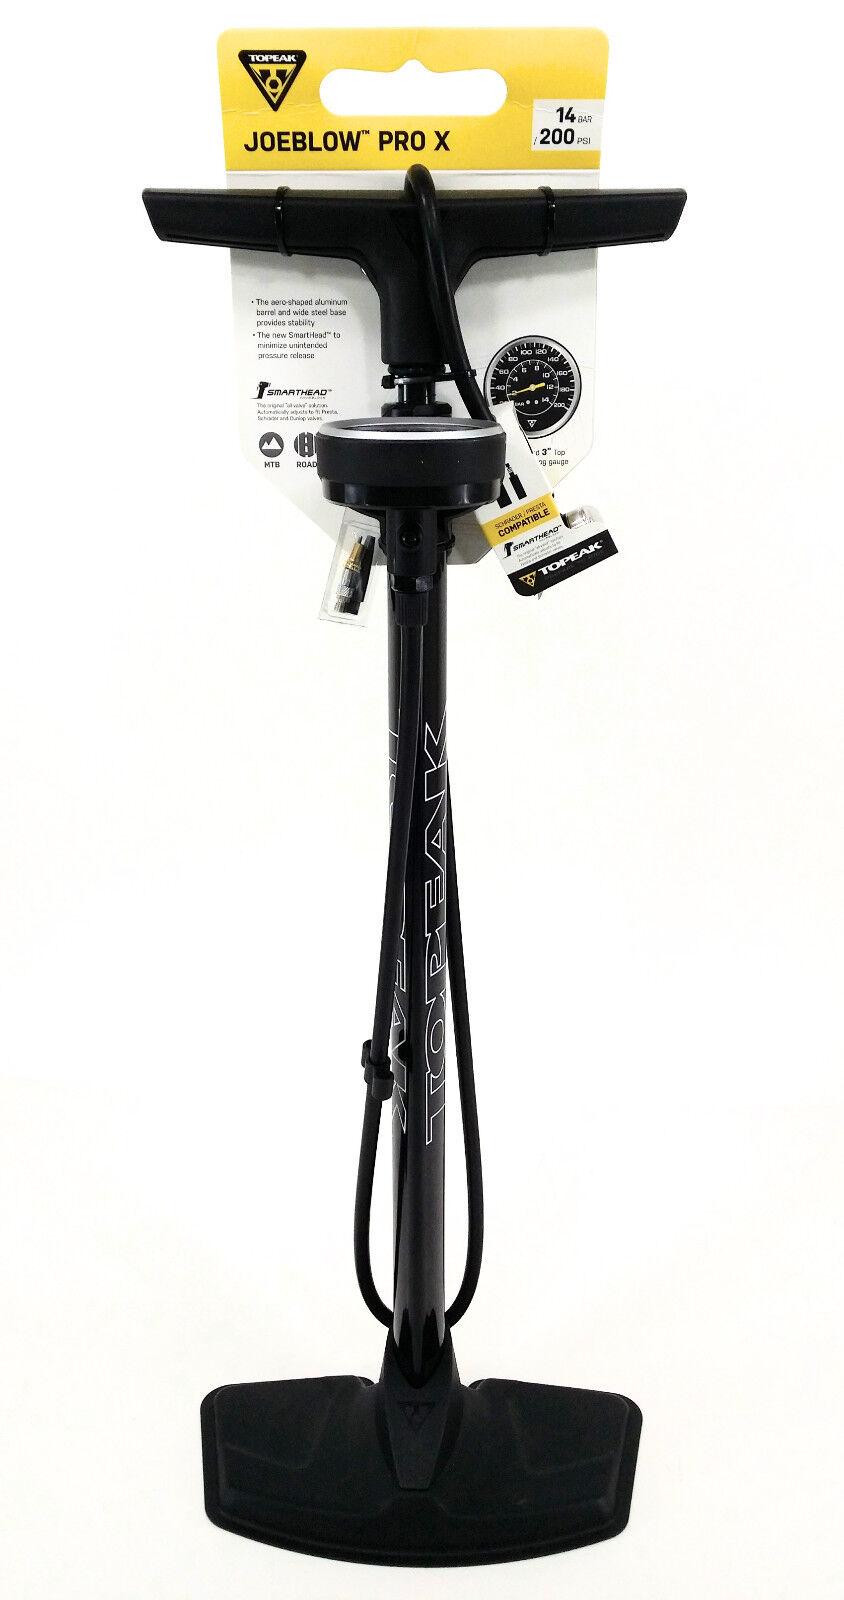 Topeak Joe Blow Pro X 200psi Floor Pump Smarthead DX Presta & Schrader Bike